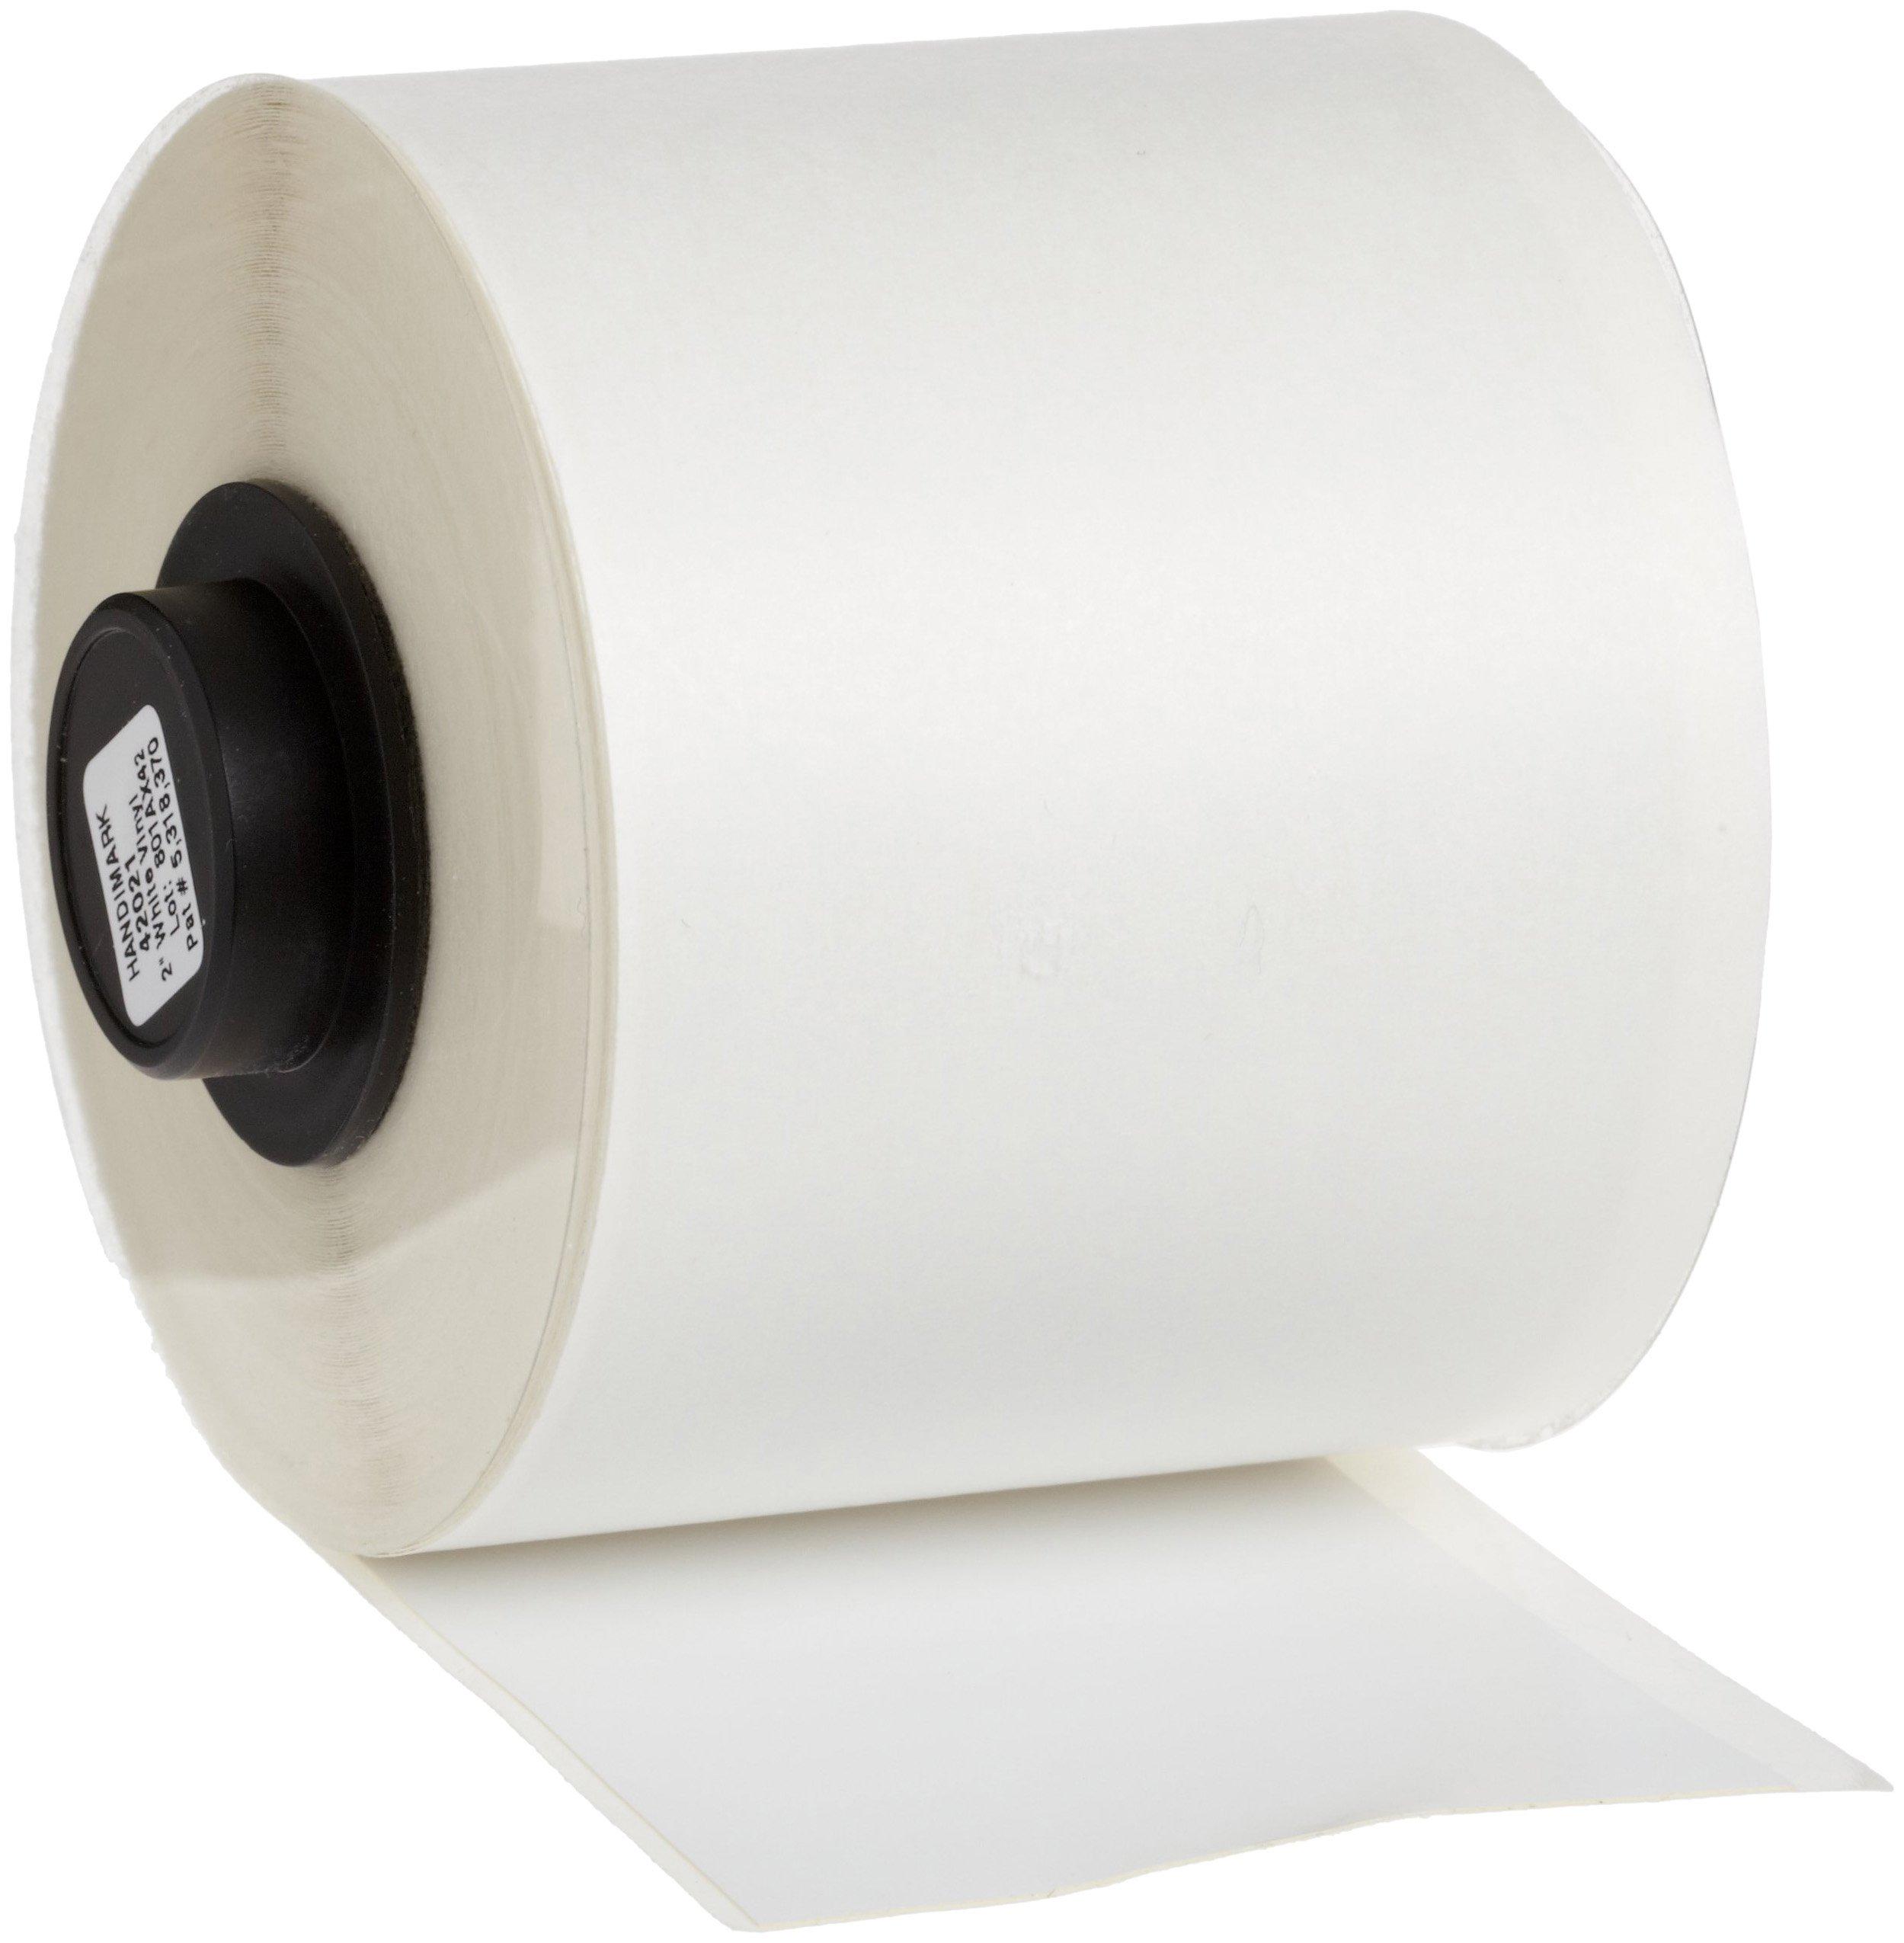 Brady 42021 HandiMark 50' Length 2'' Width, B-580 Vinyl Film, White Indoor/Outdoor Tape